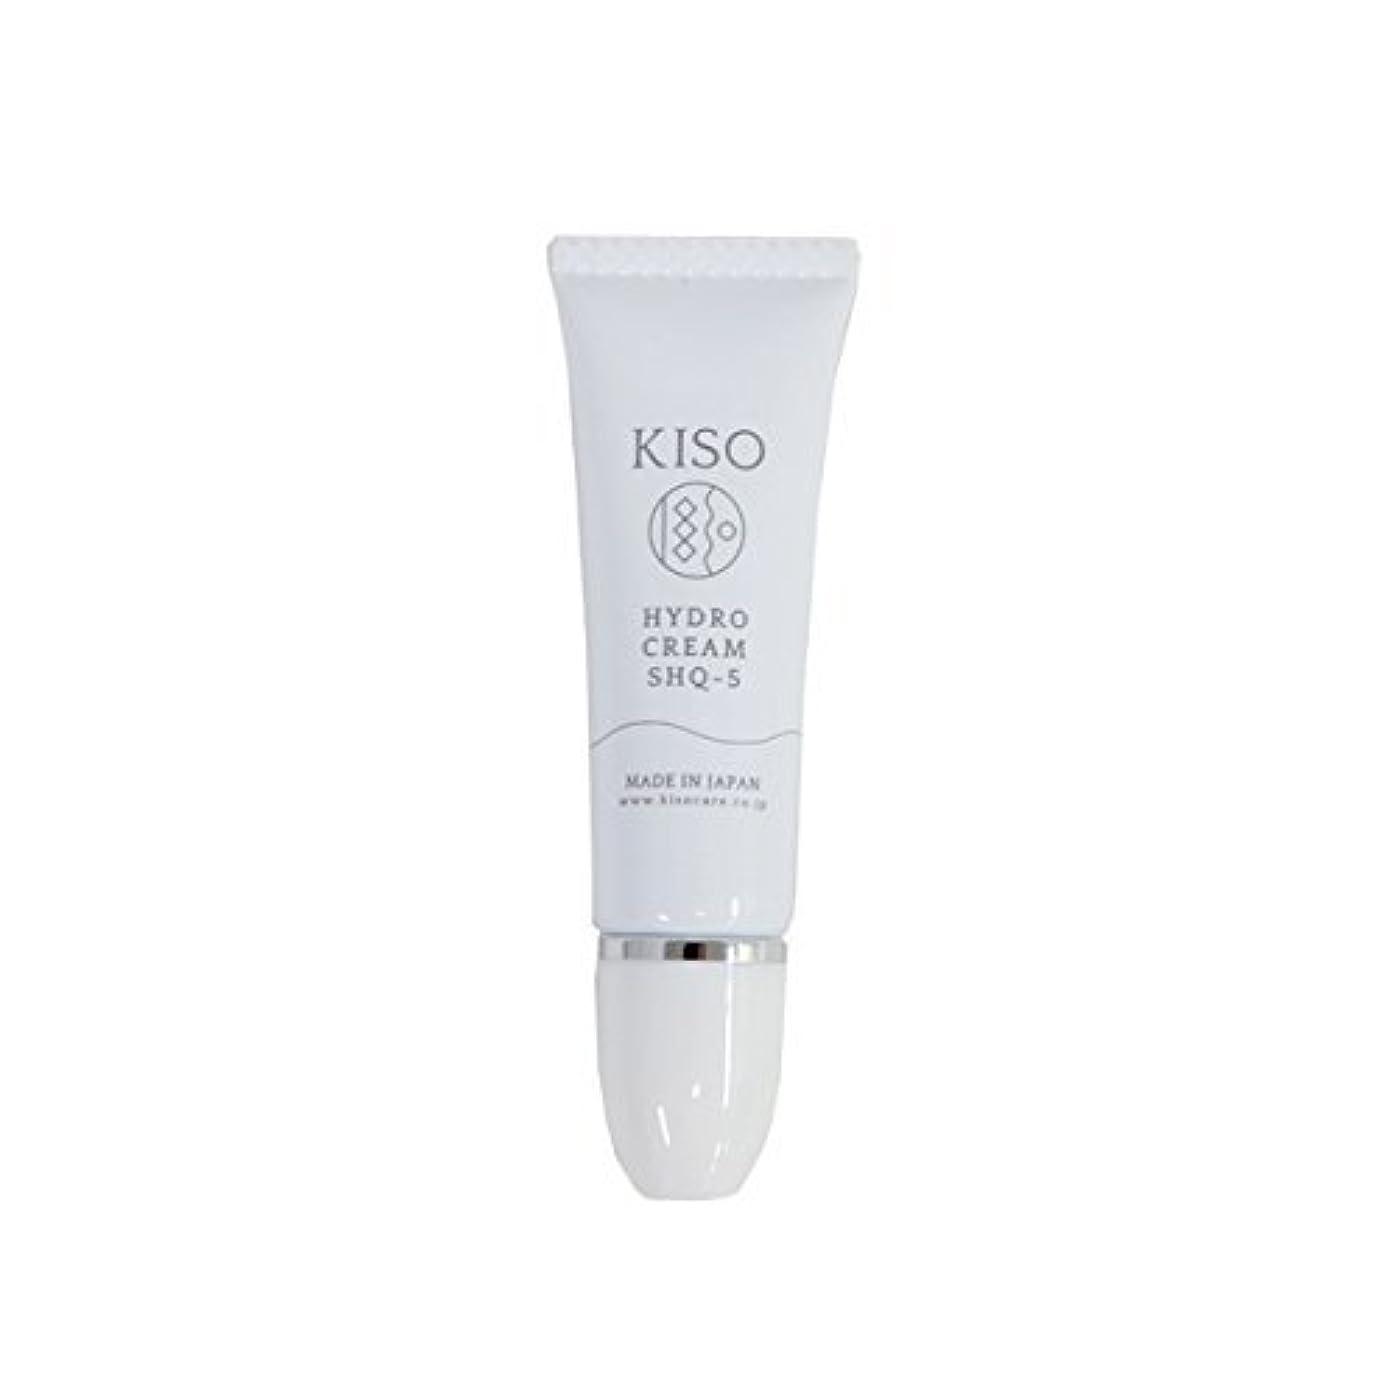 保持する攻撃間違いなくKISO 安定型 ハイドロキノン 5%配合【ハイドロ クリーム SHQ-5 10g】スキンケアで肌を整えた後にちょこっとケア 日本製